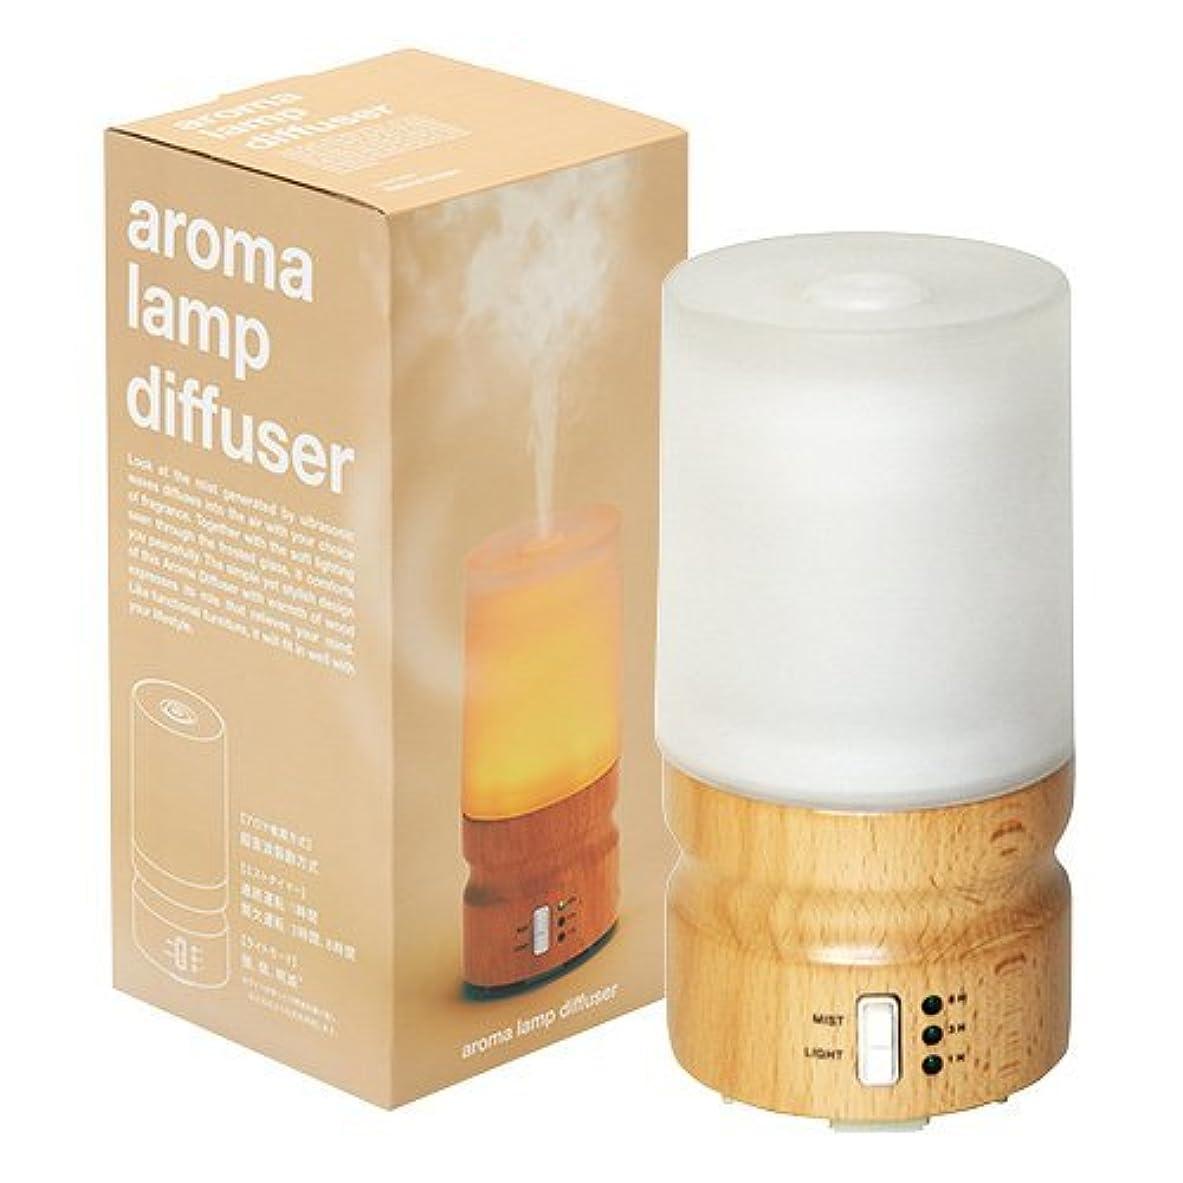 銀行アイザック酸化するアロマランプディフューザーaroma lamp diffuer【タイマー付】【保証書付(6ヶ月)】【カラー:ナチュラルブラウン】